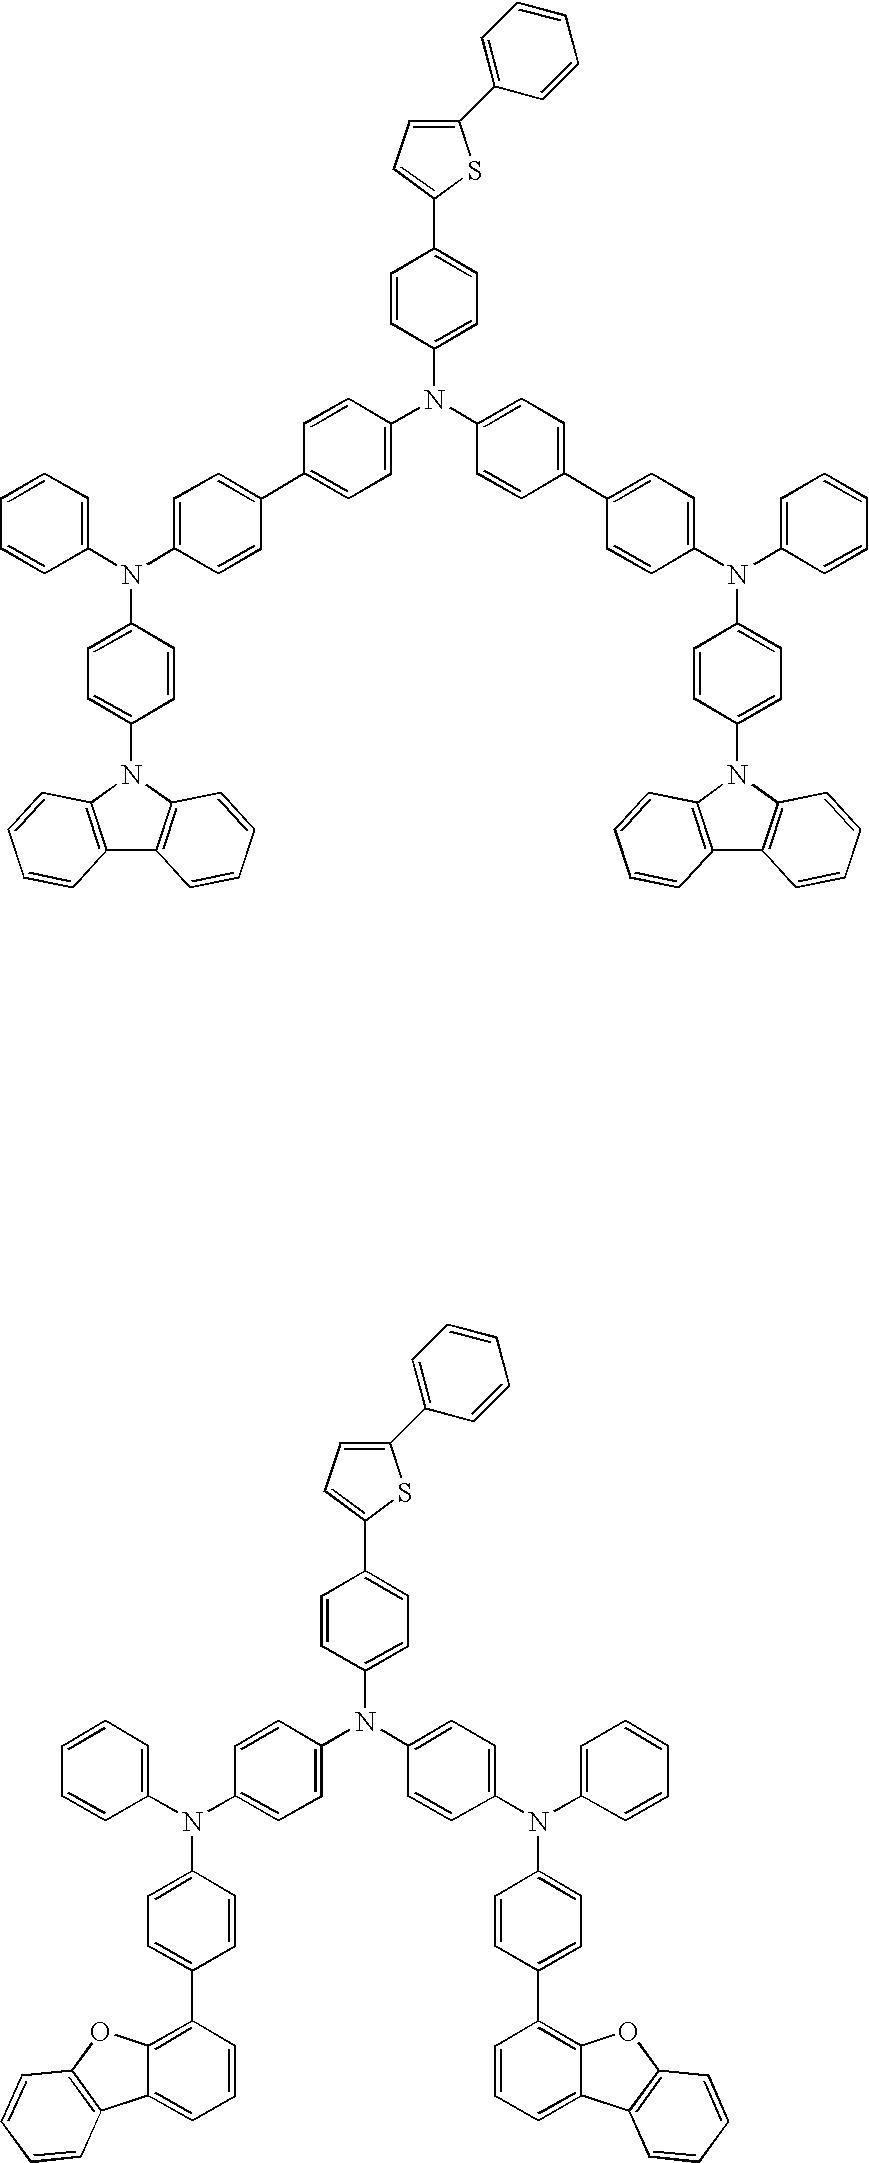 Figure US20090066235A1-20090312-C00035